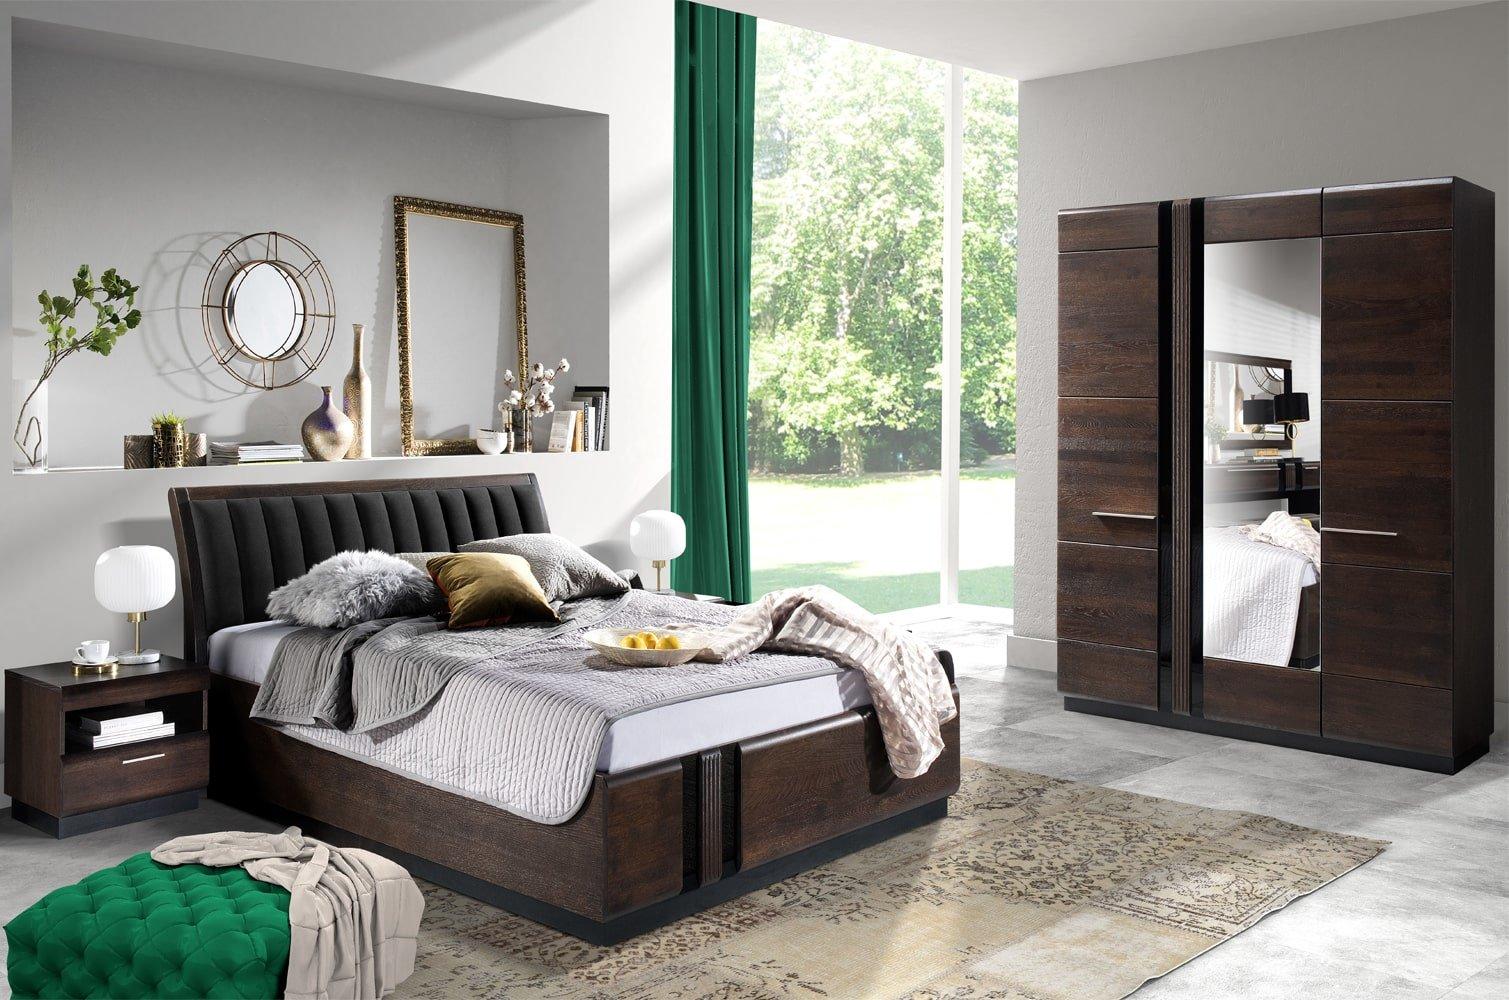 meble do sypialni drewniane dąb czekoladowe porti